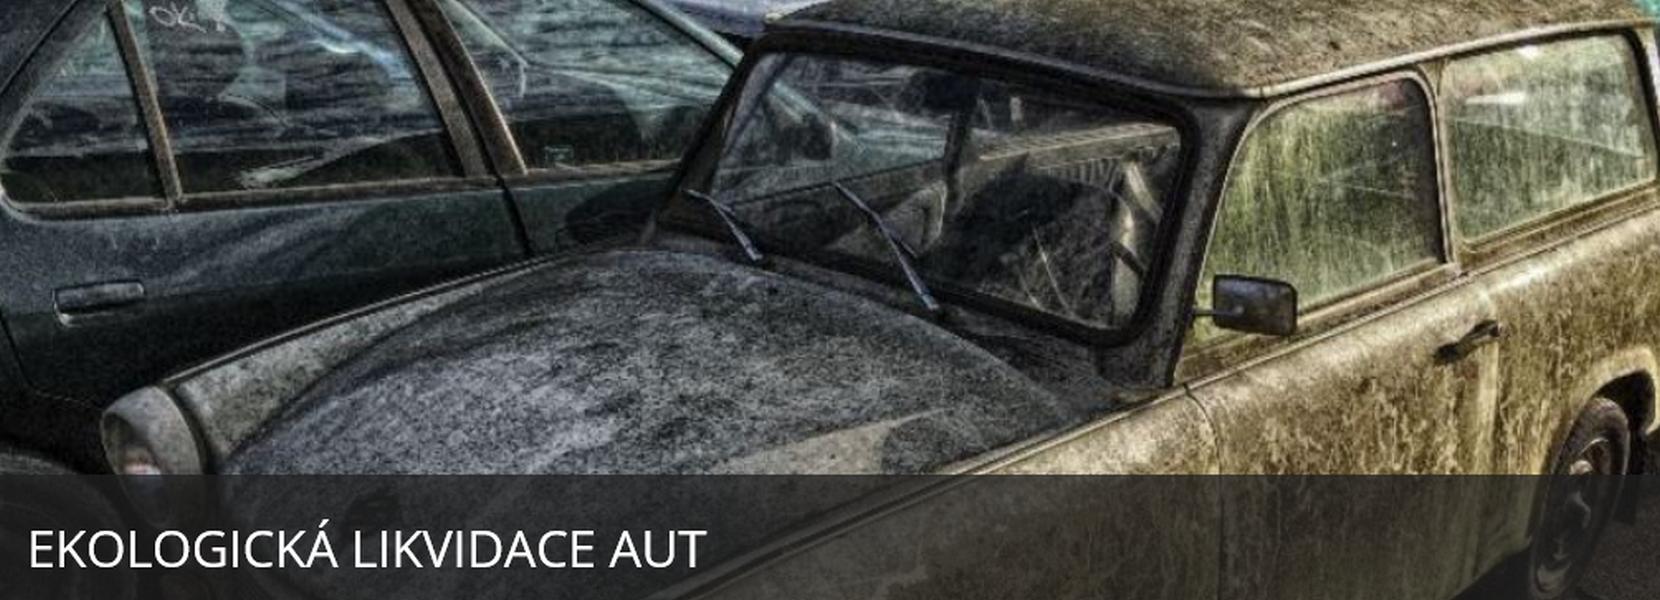 Ekologická likvidace autovraků - Josef Vilímek